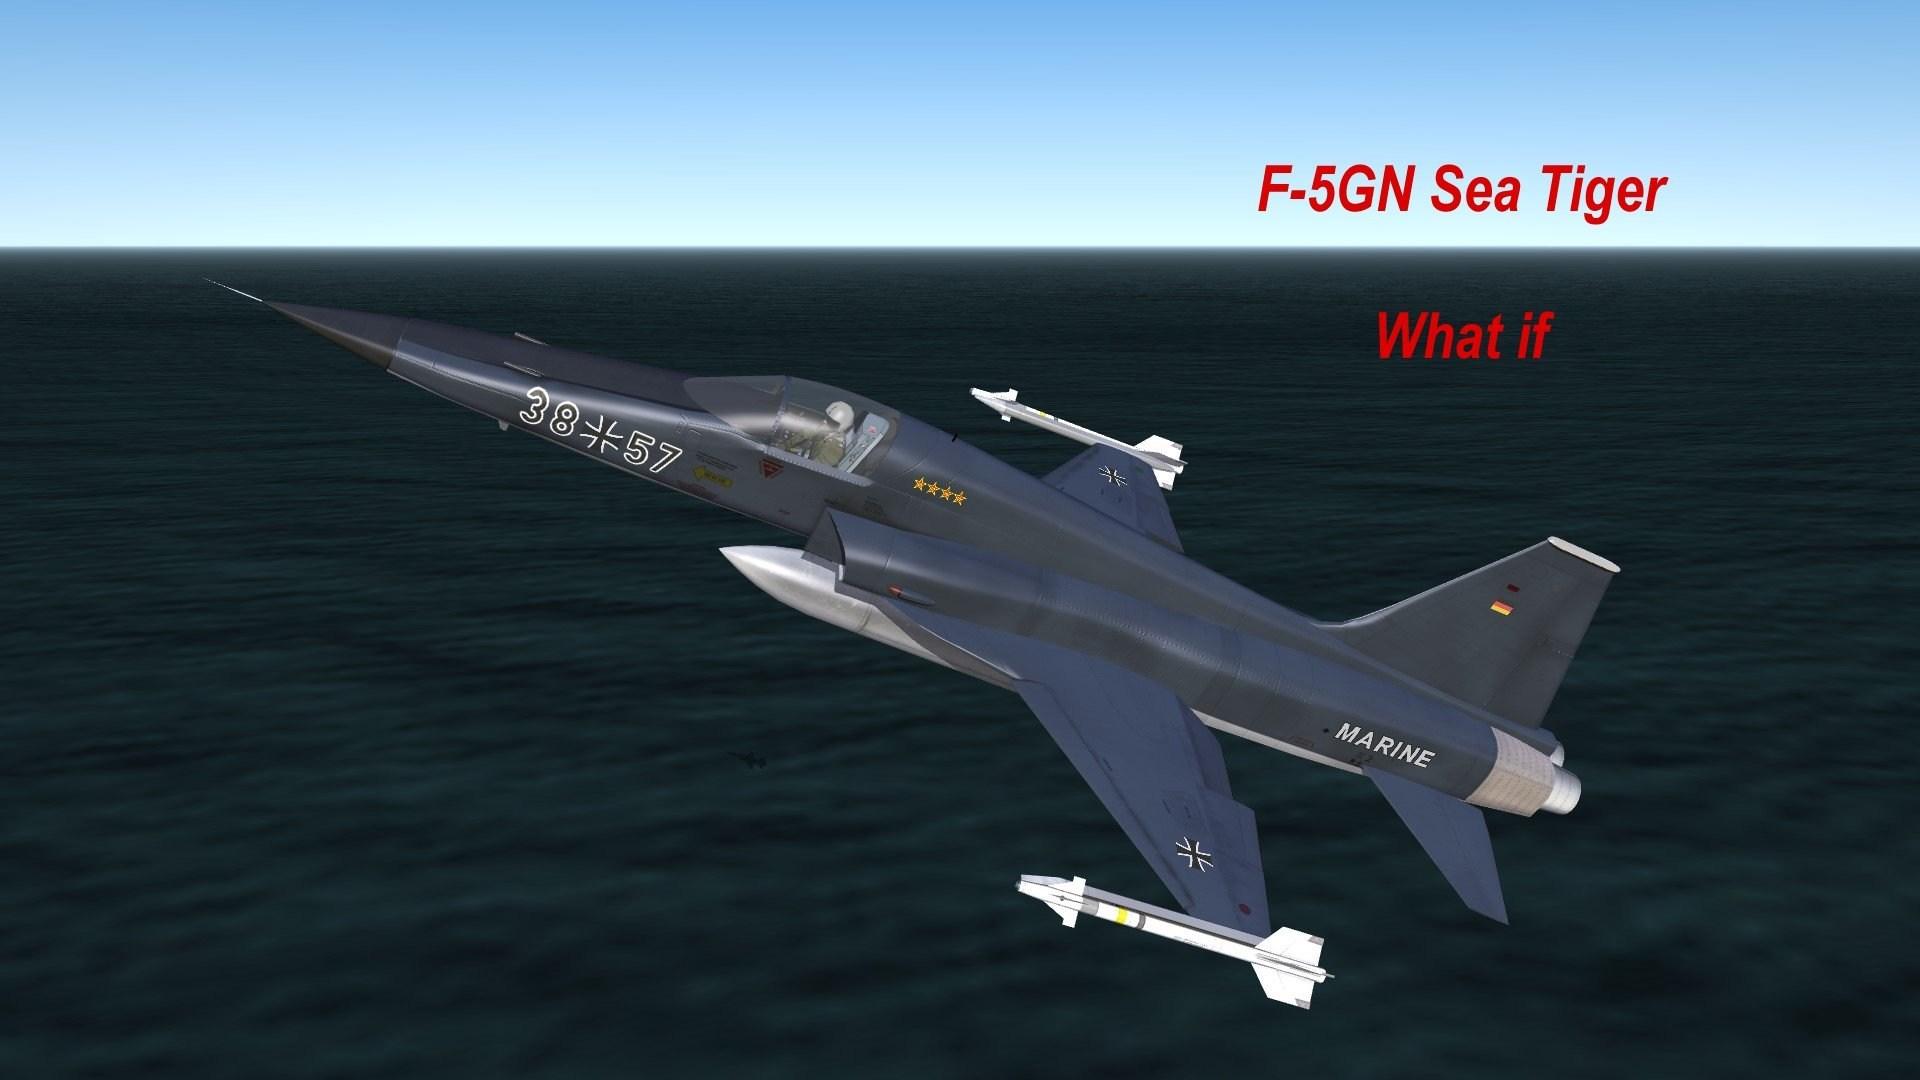 F-5GN